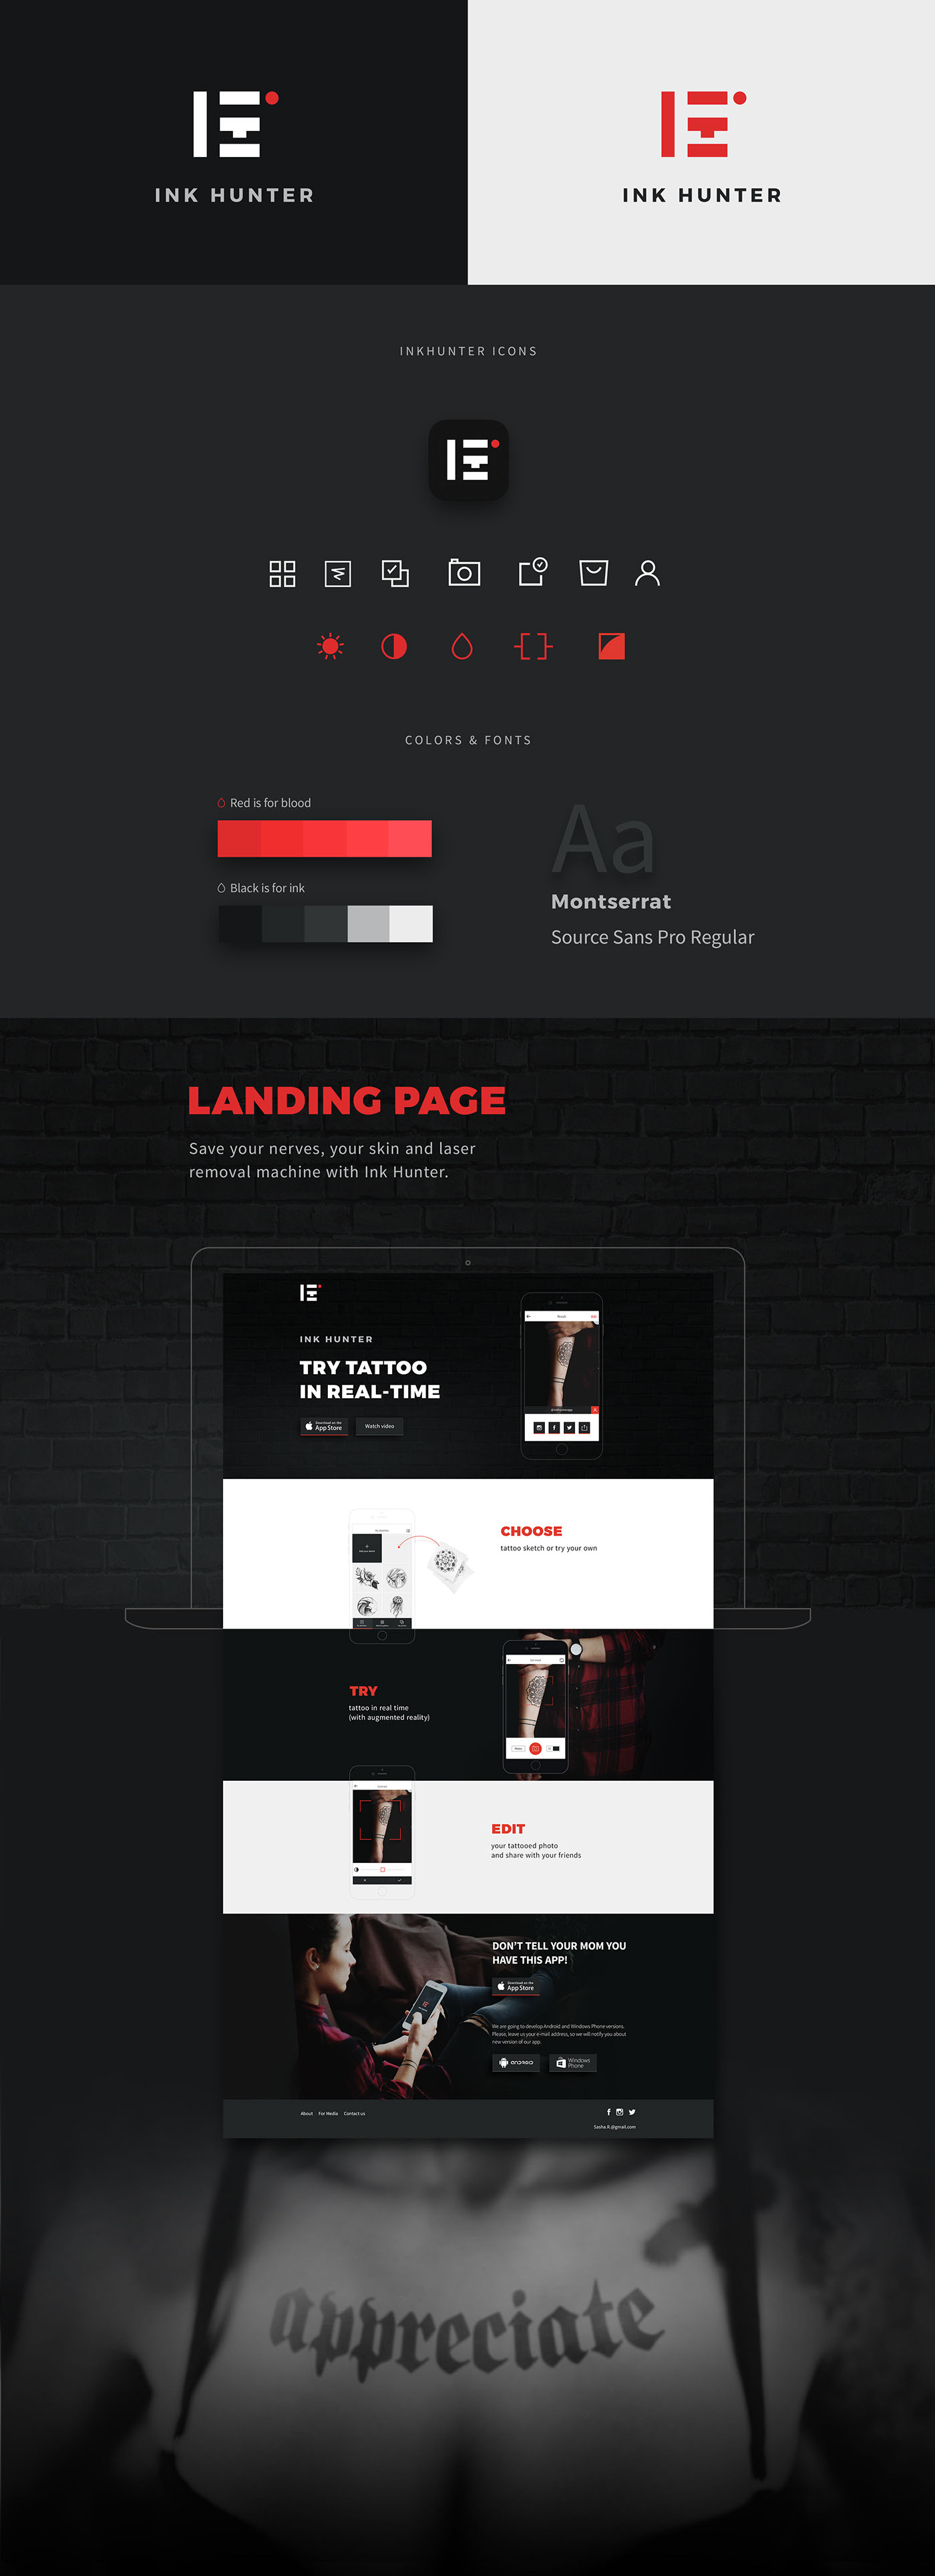 Mobile app landing page Web Design  UI/UX Onepager landing